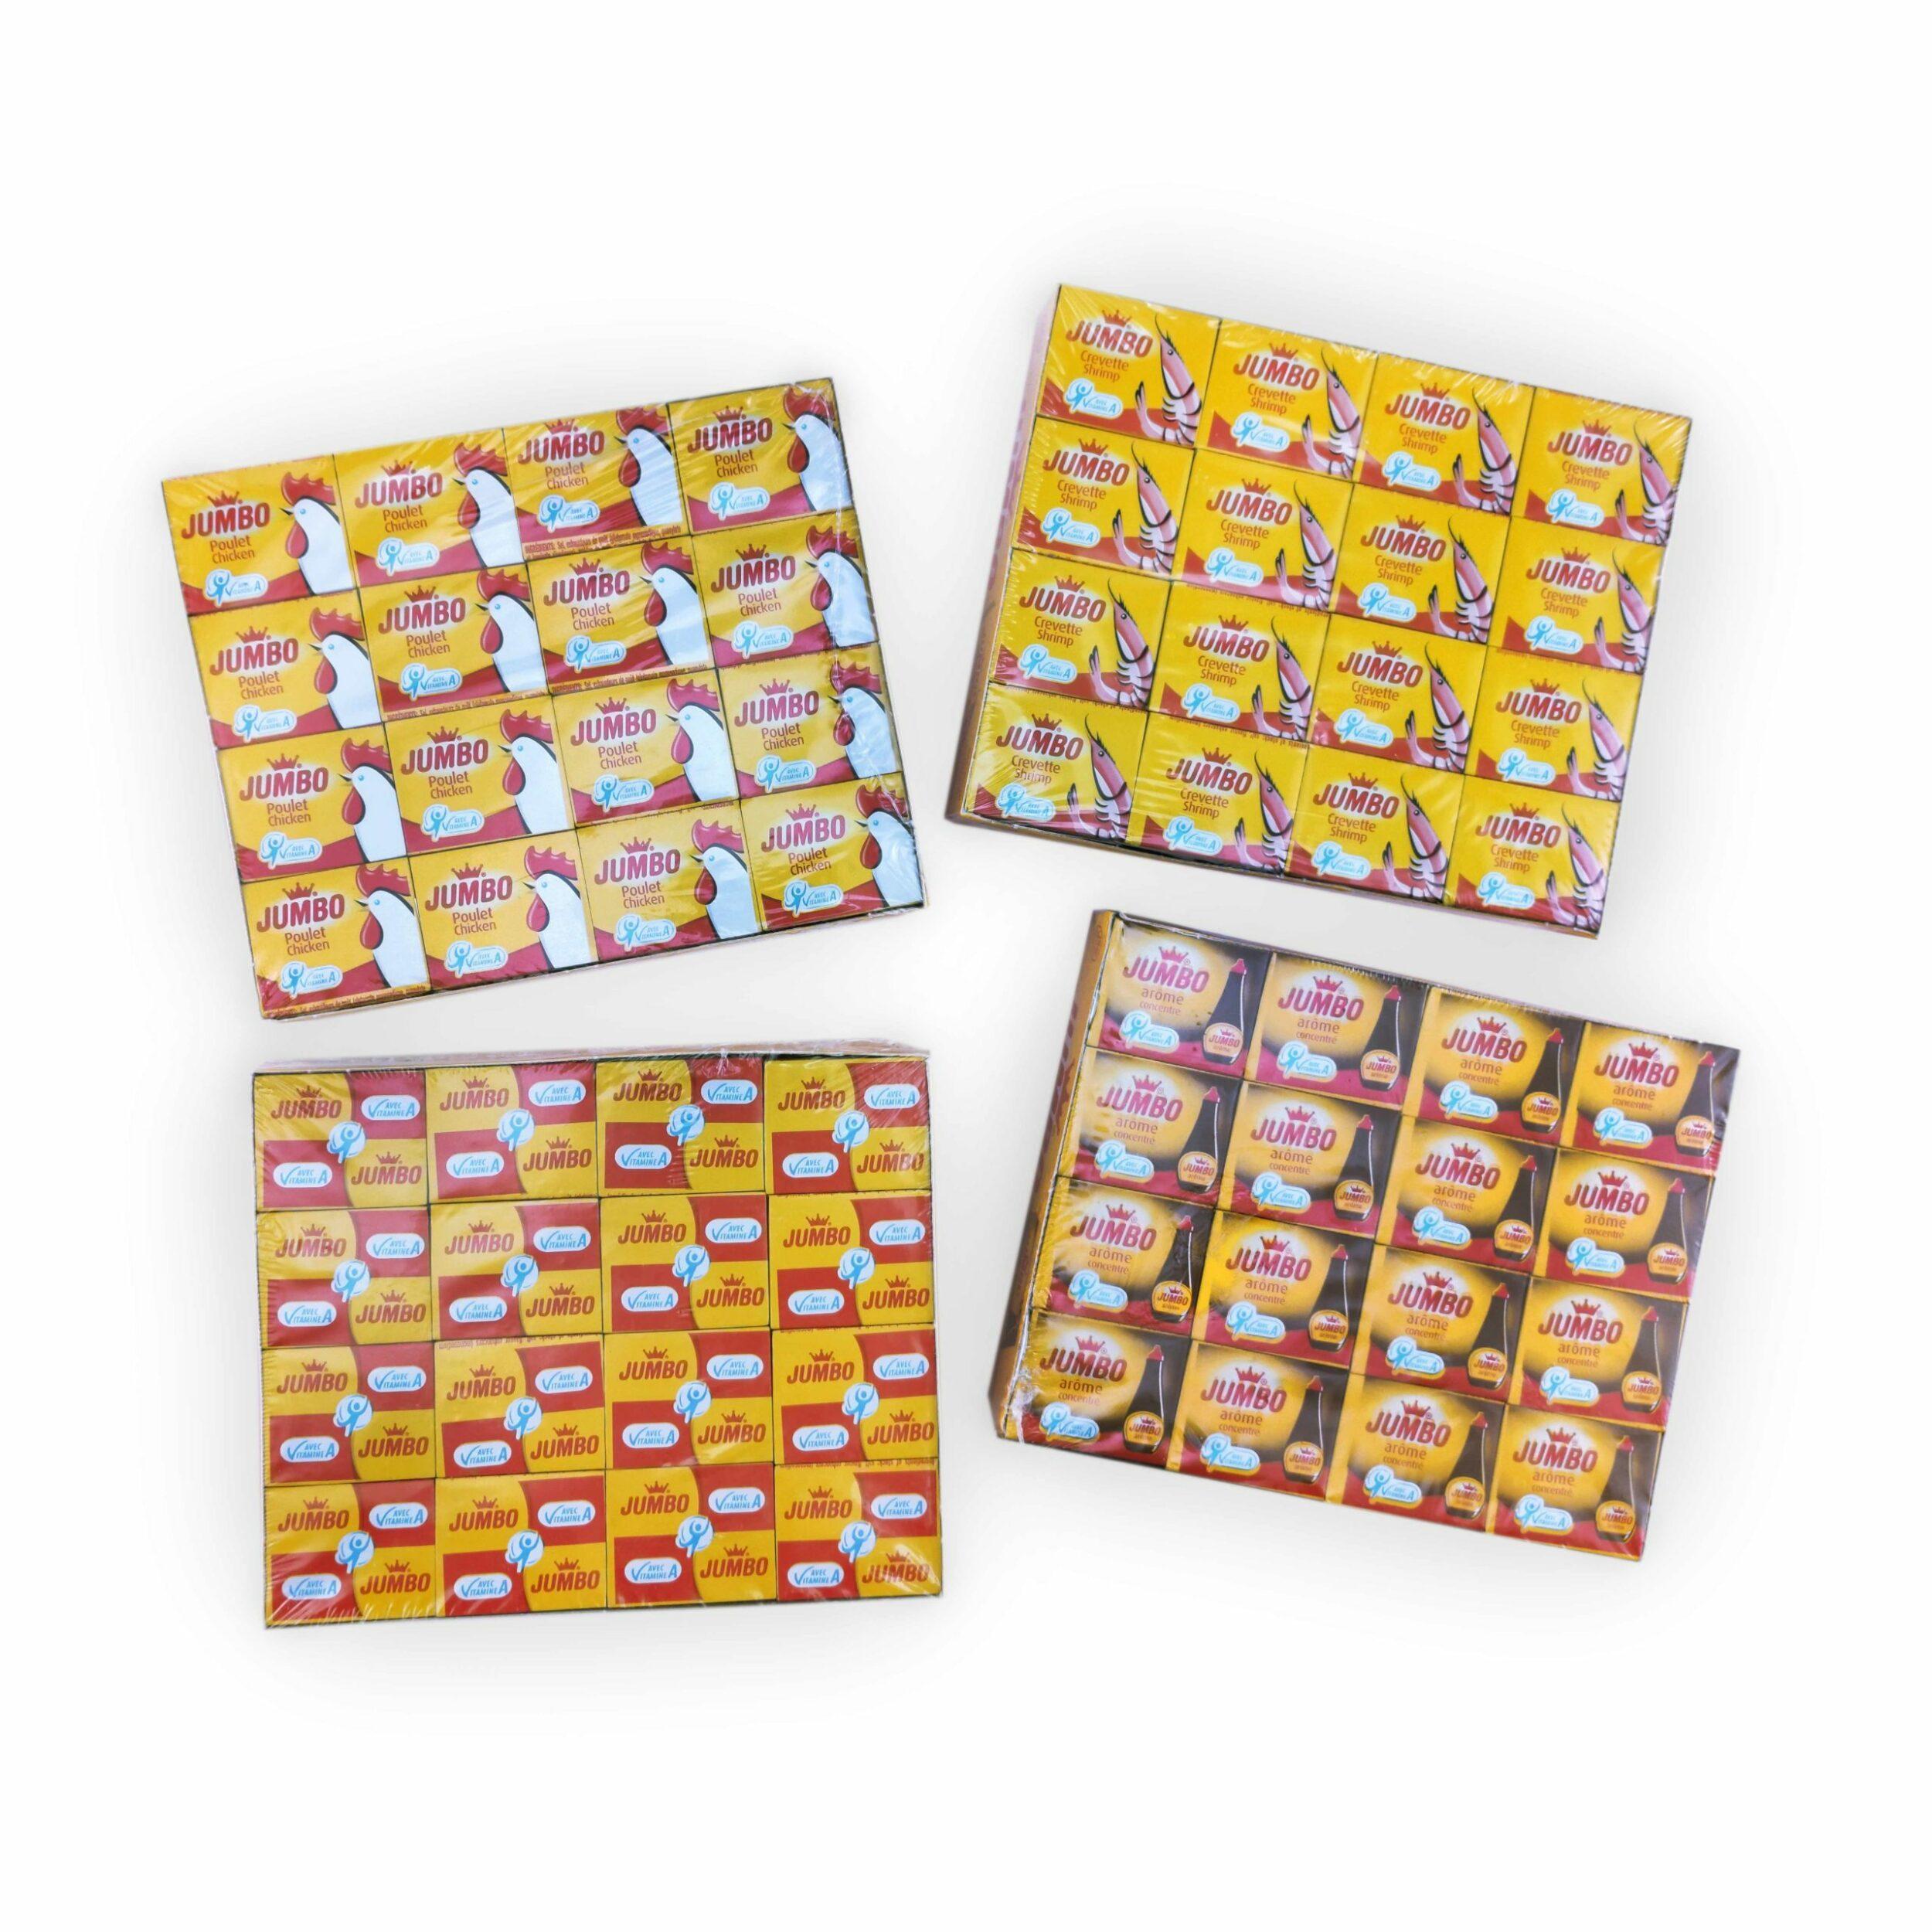 jumbo-cube-arome-concentre-poulet-crevette-original-bouillon-48-10g-480g-site-web-moushenco